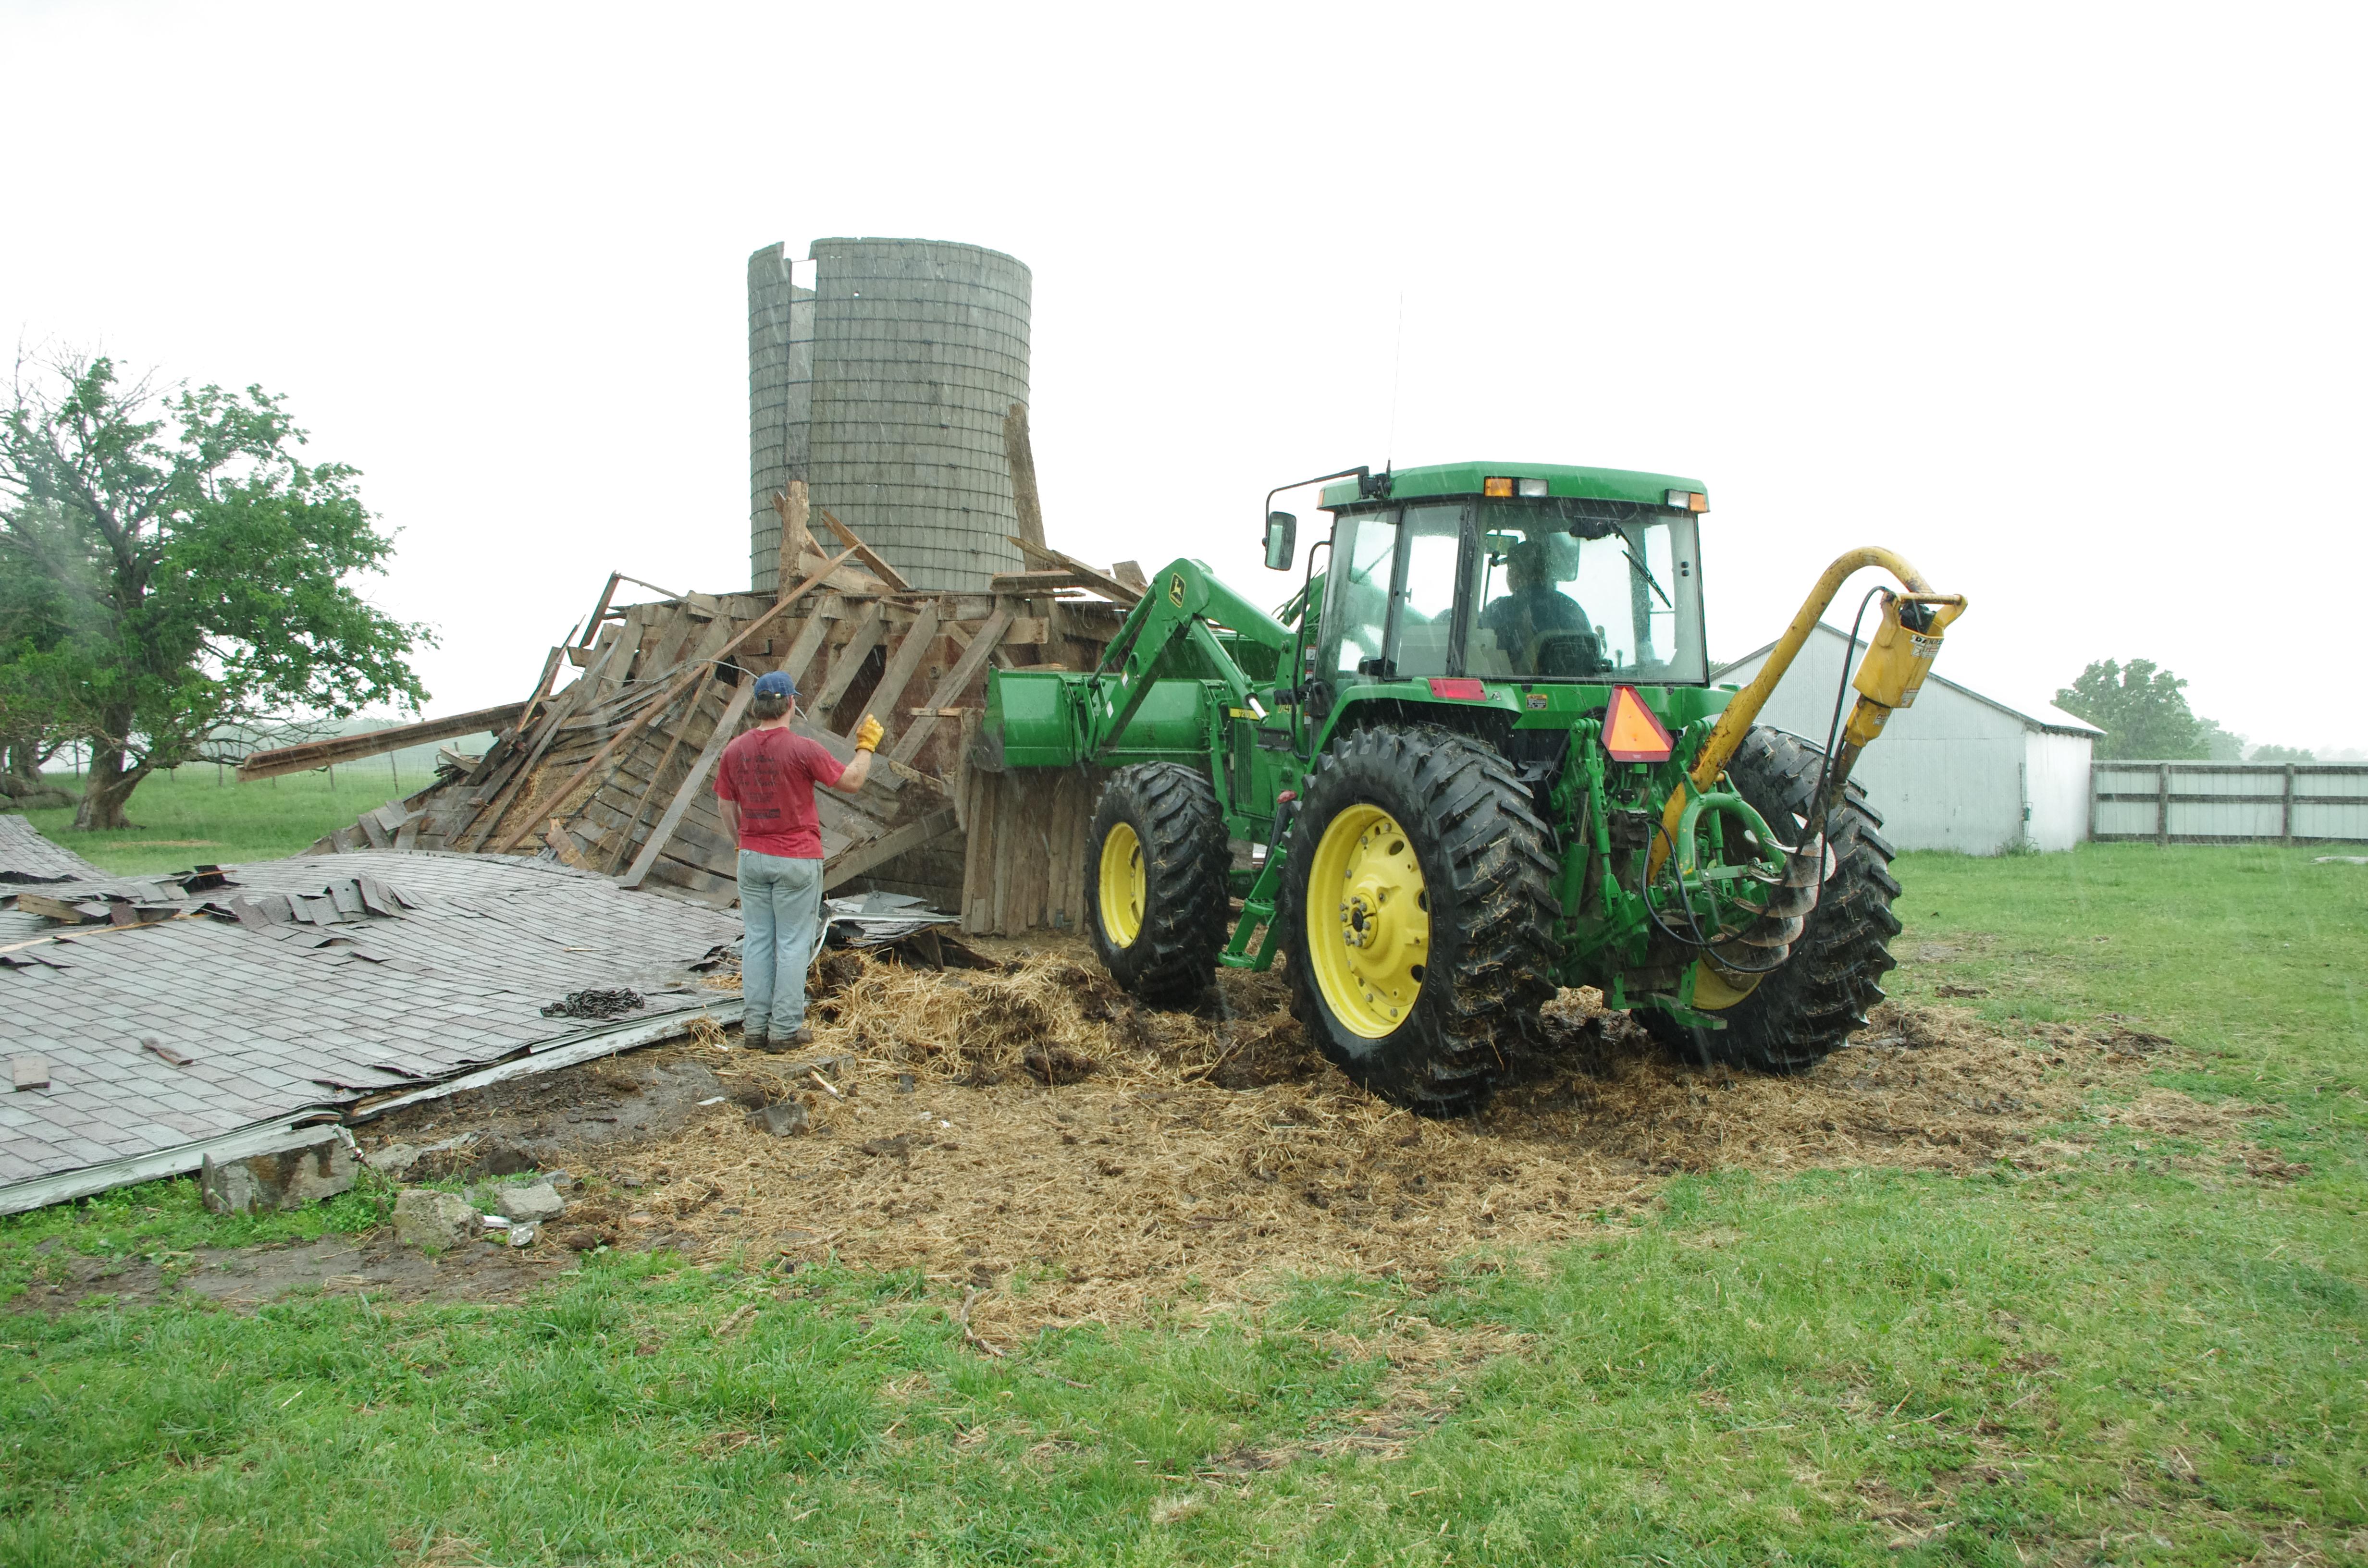 Horse Barn teardown 5-27-14 (1)